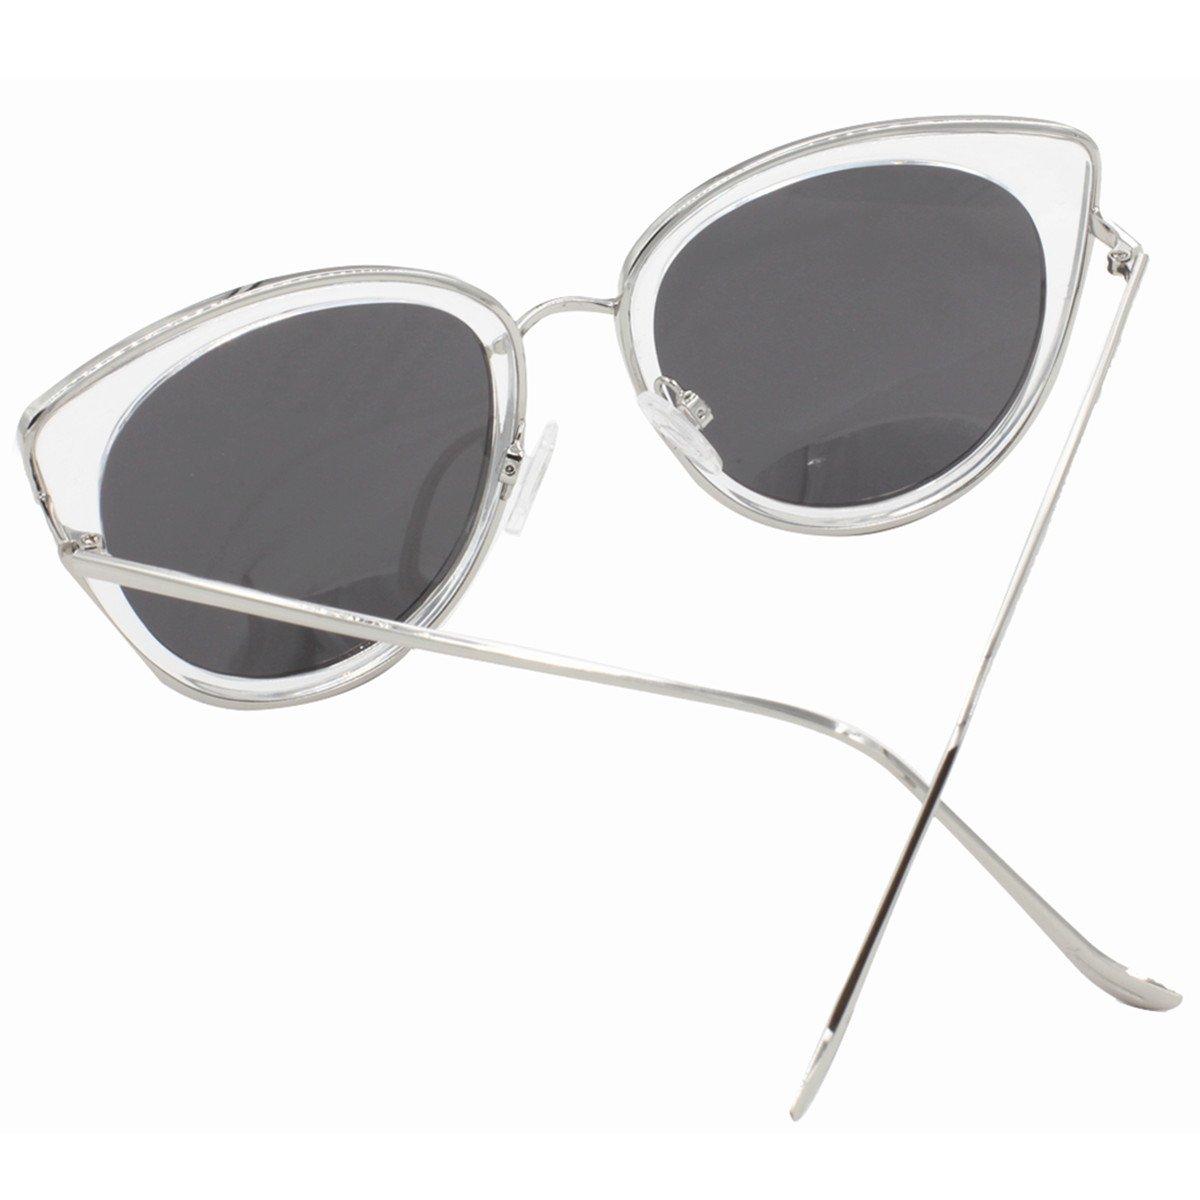 vivienfang mujeres del espejo lente polarizadas vintage ojo ...